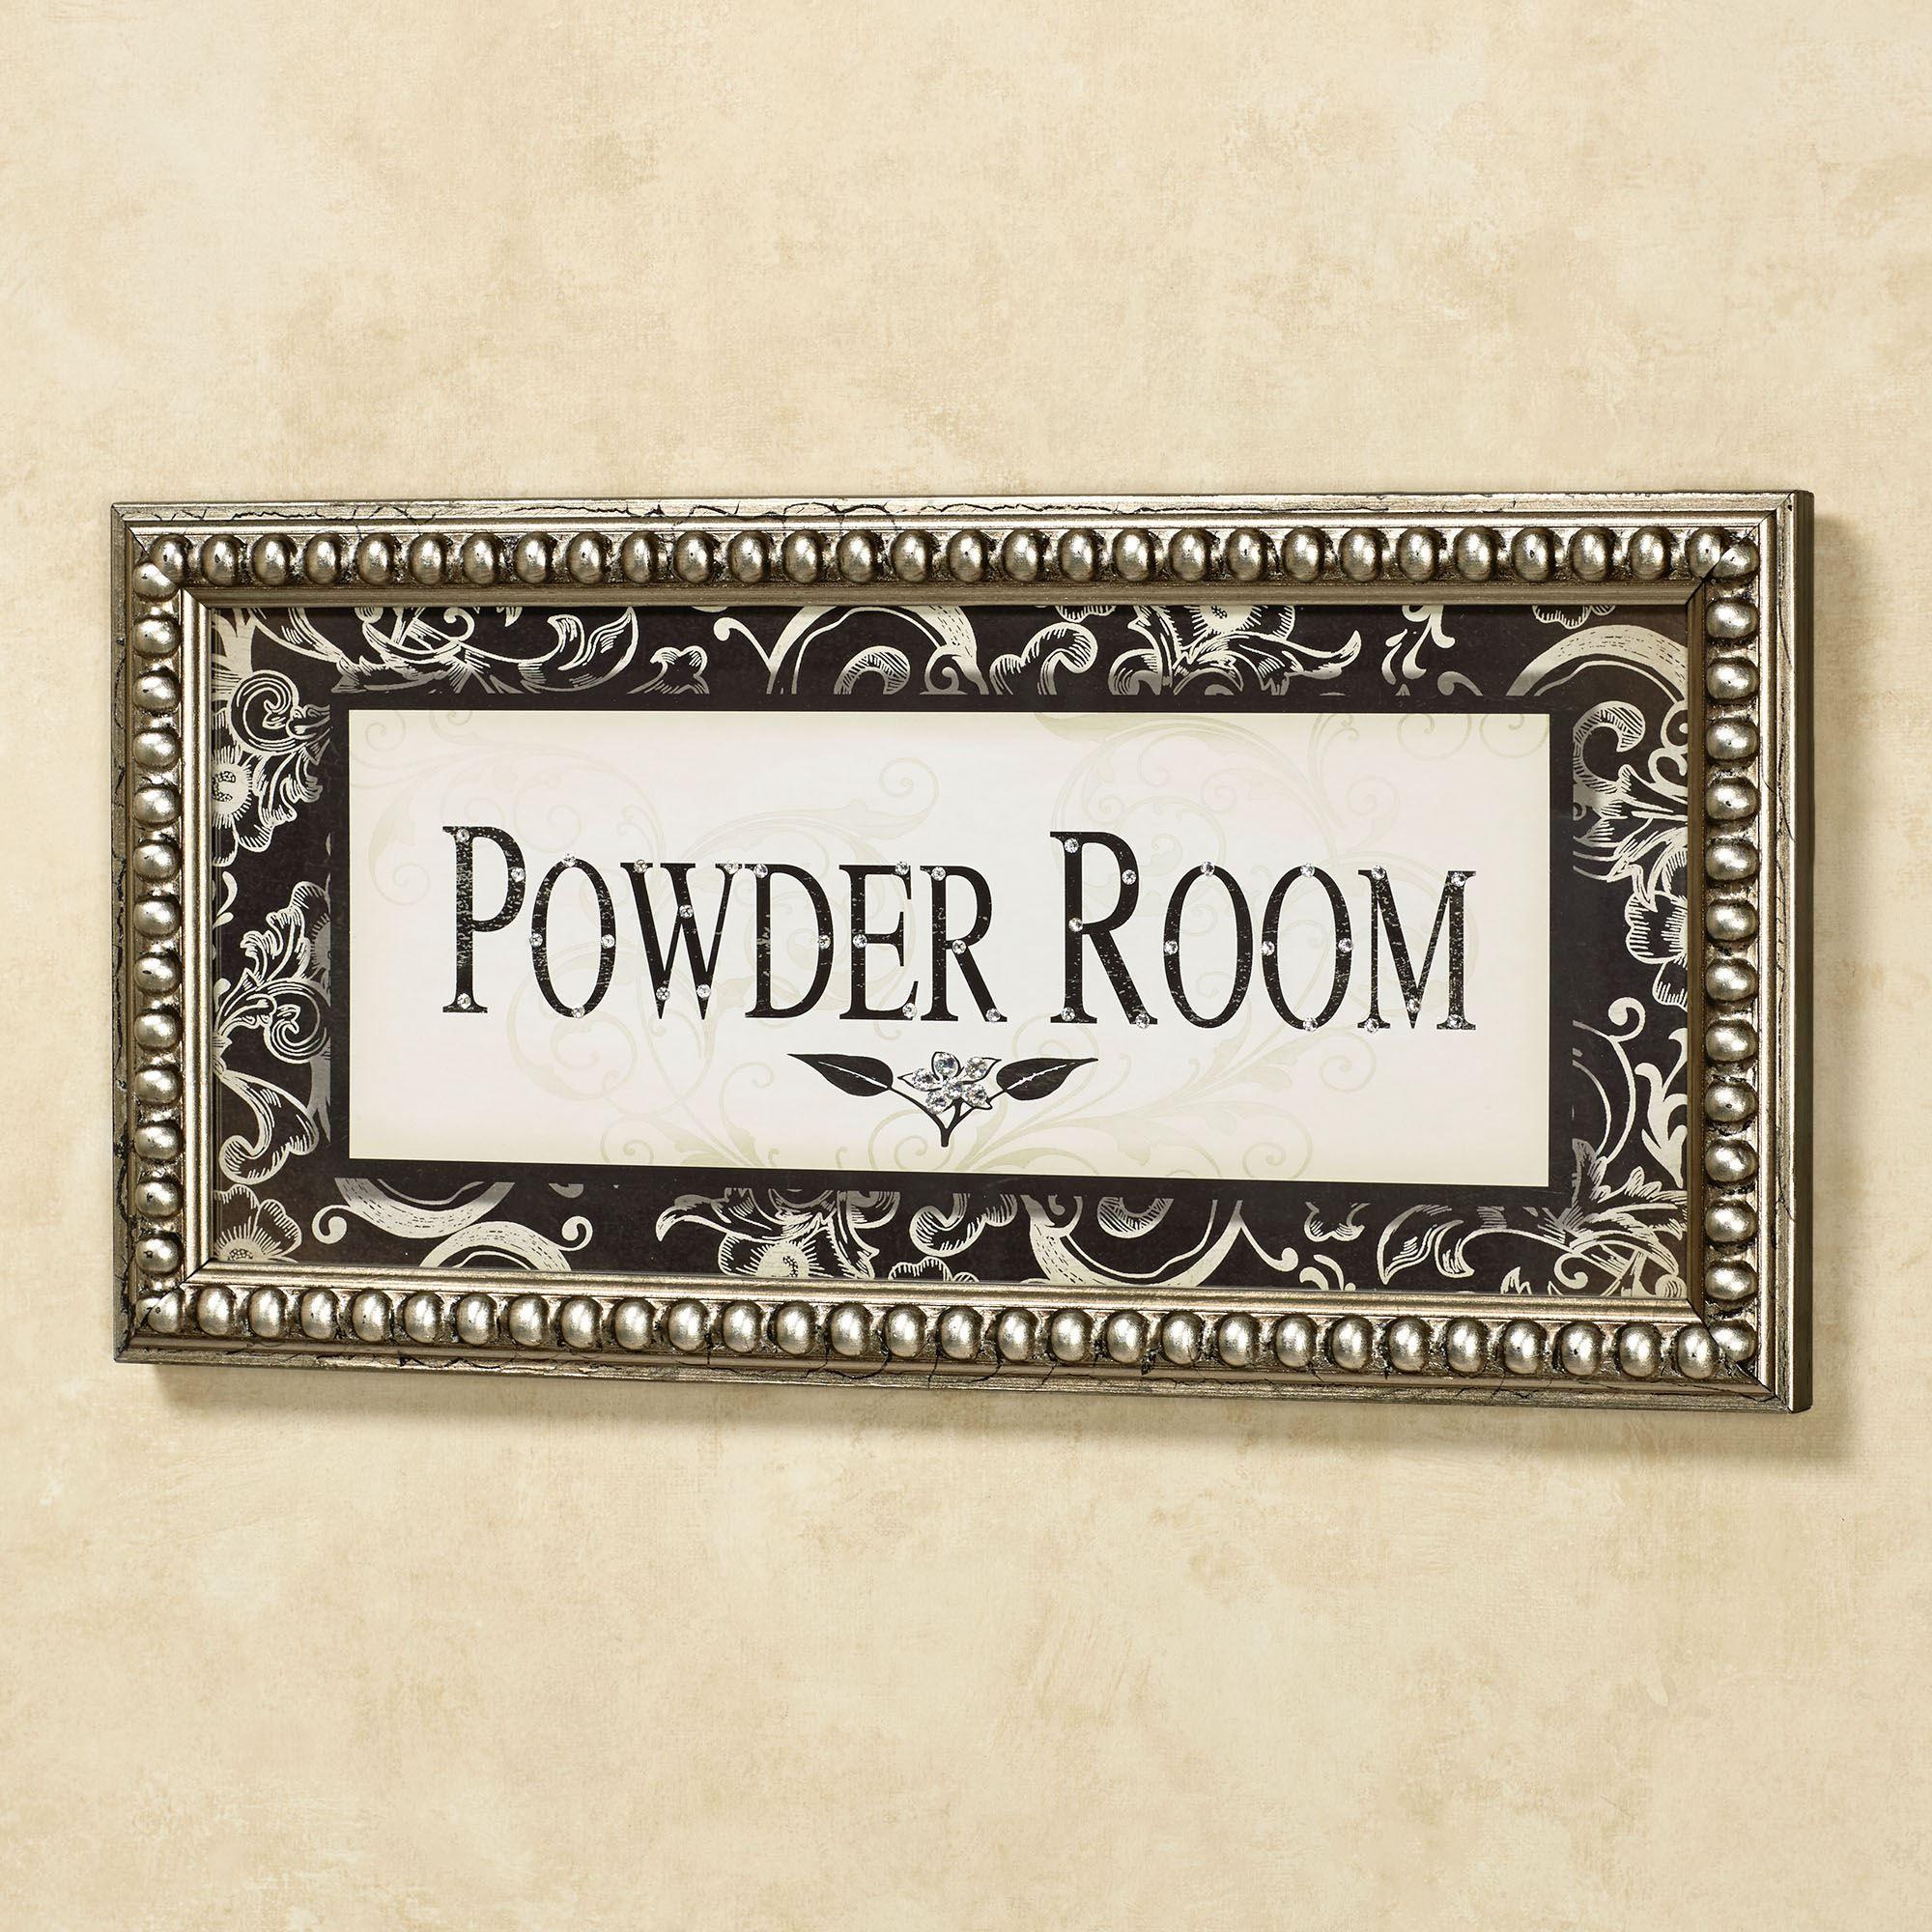 Powder Room Framed Wall Art